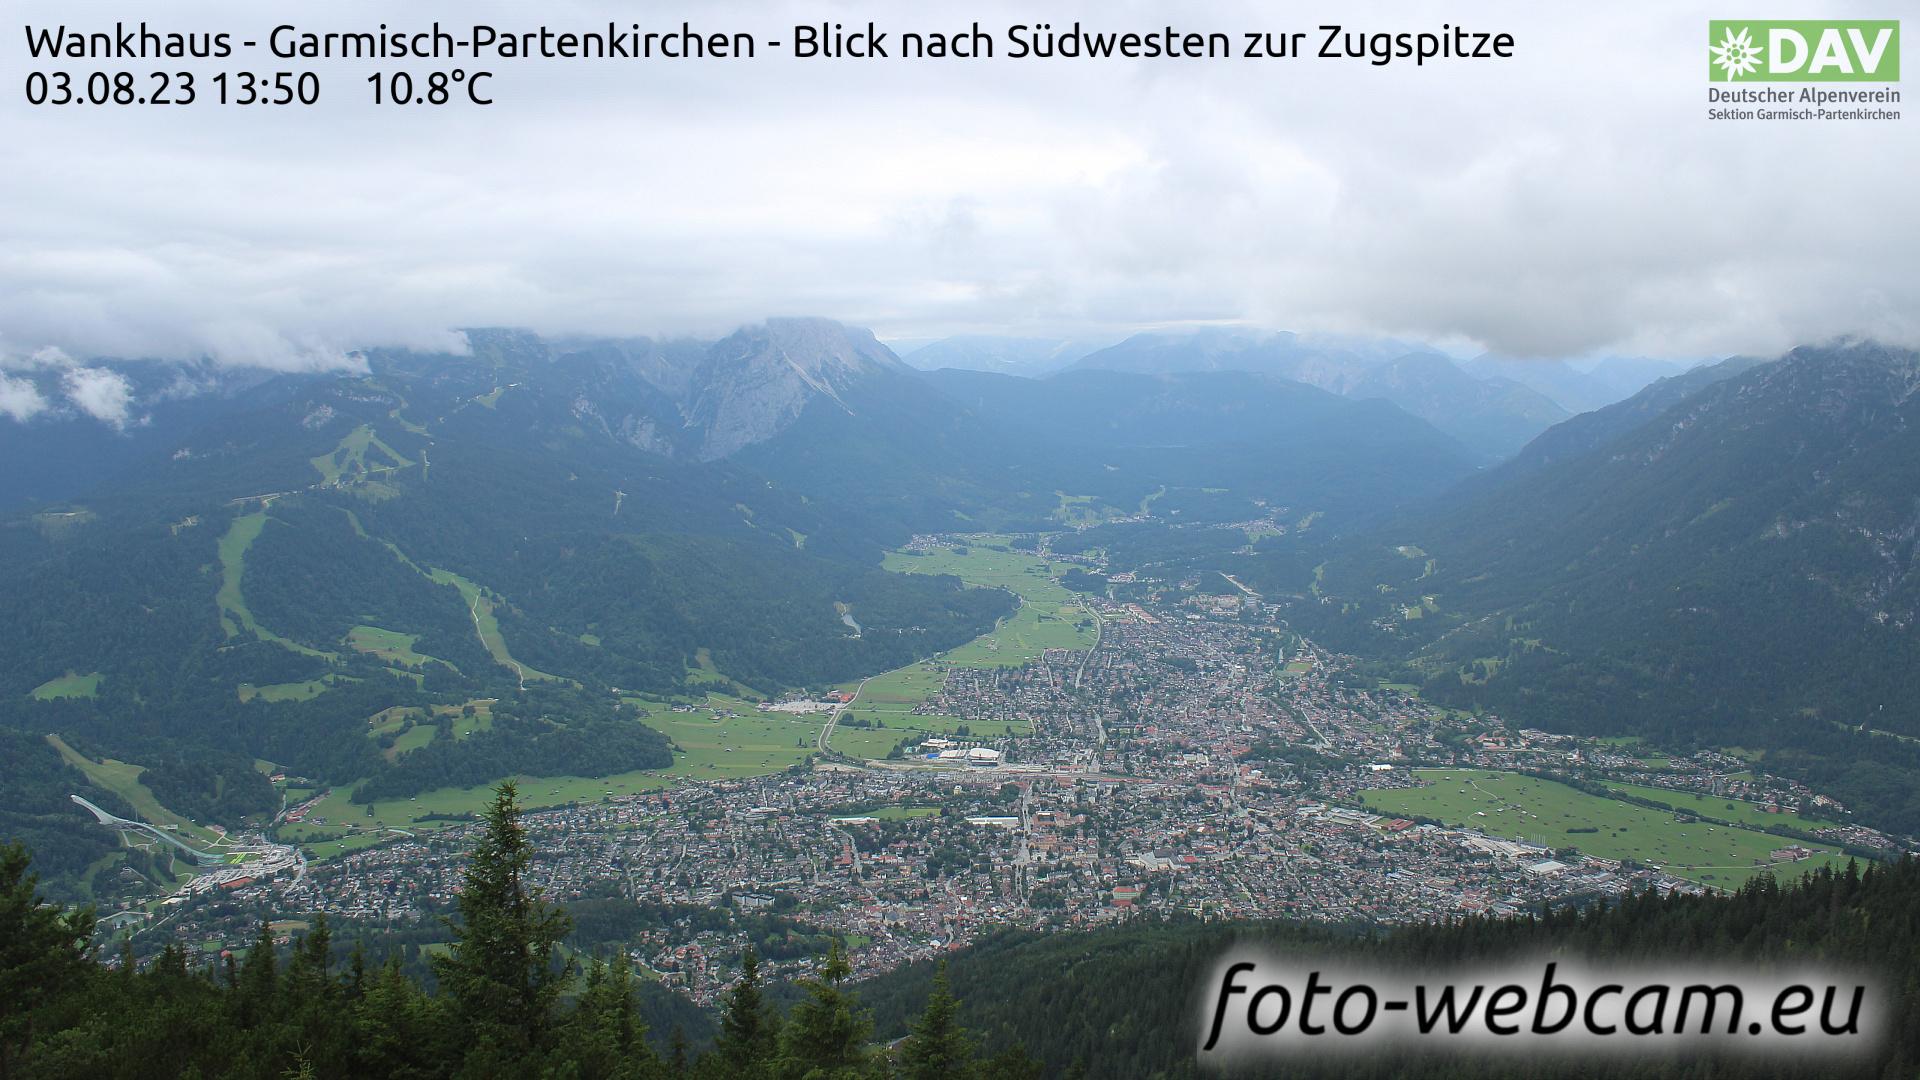 Garmisch-Partenkirchen Mon. 13:52